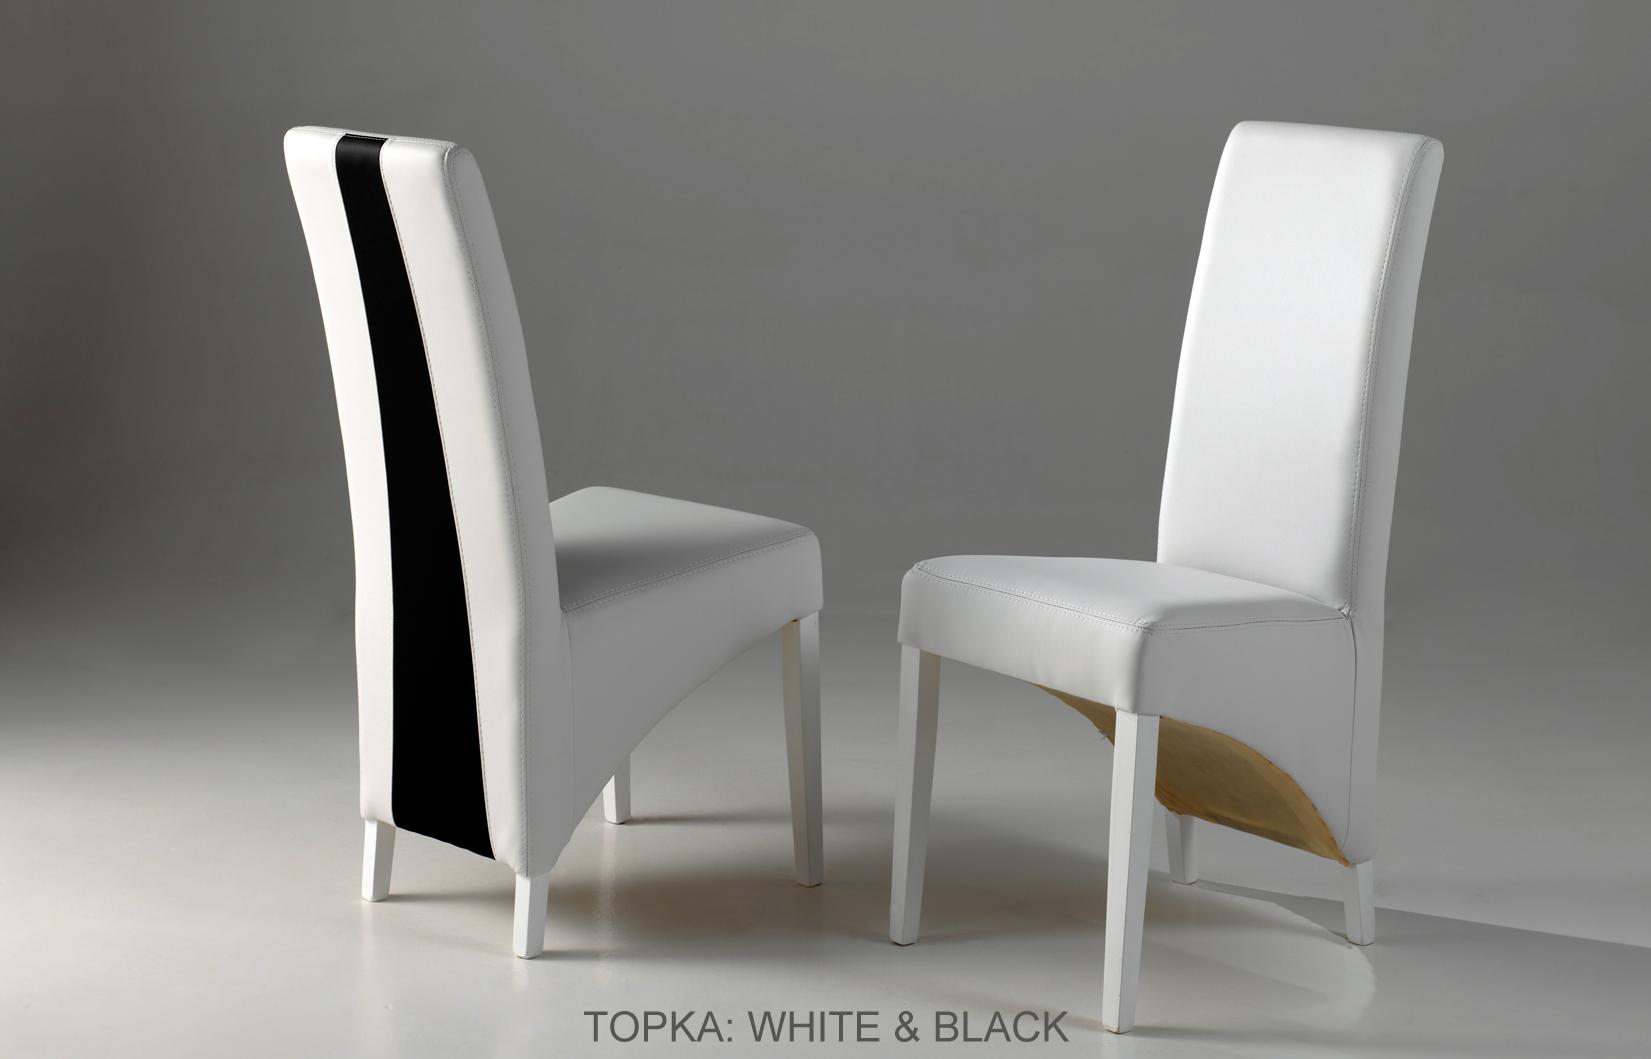 Topka BIG White & black